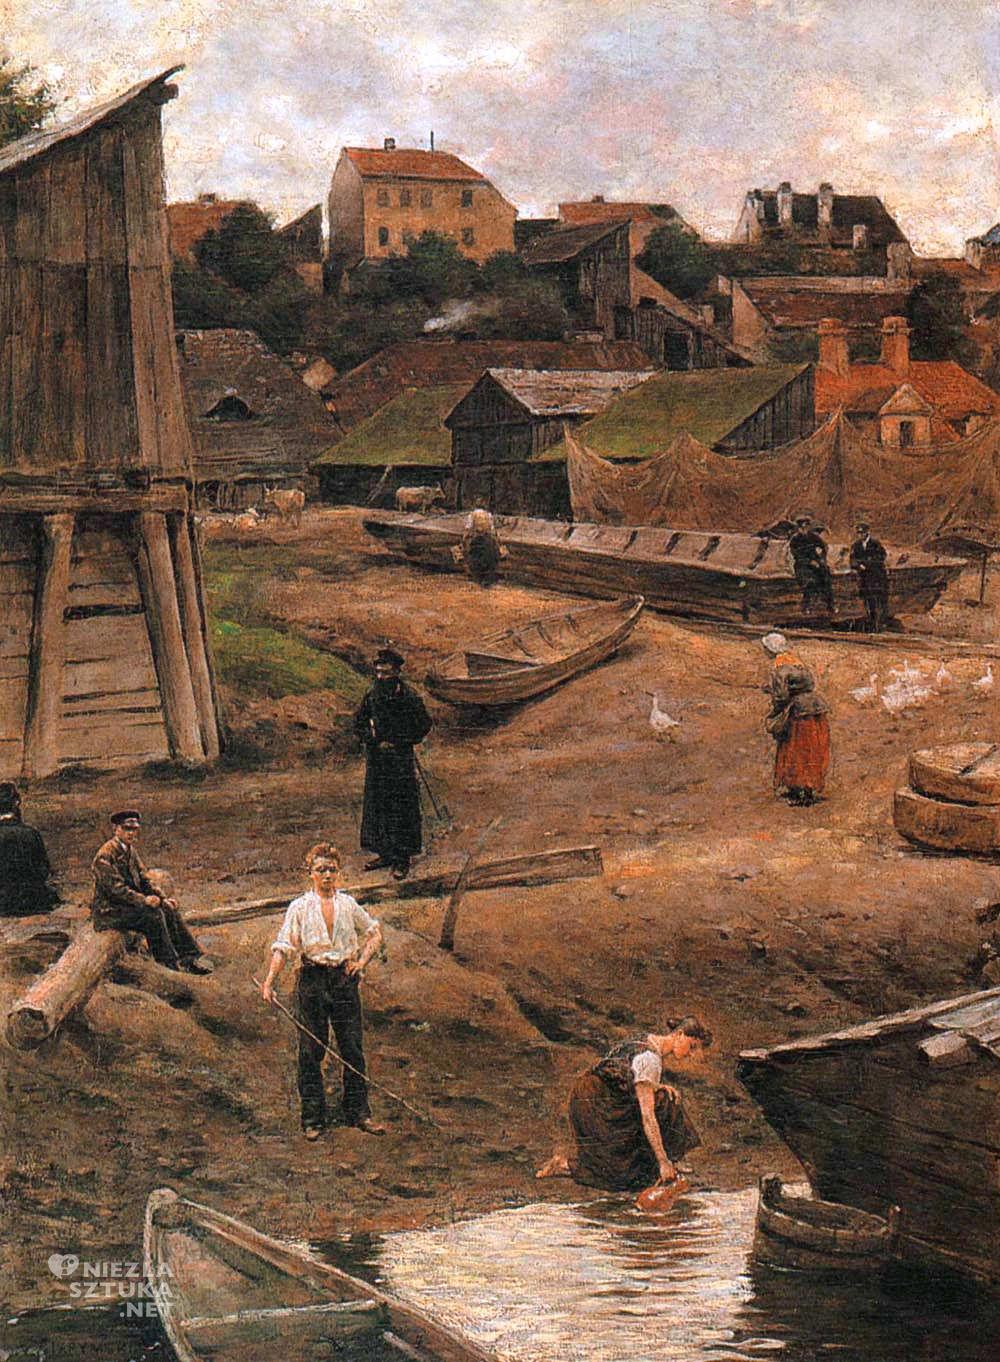 Aleksander Gierymski, Powiśle, Wisła, Warszawa, Muzeum Narodowe w Krakowie, Niezła sztuka